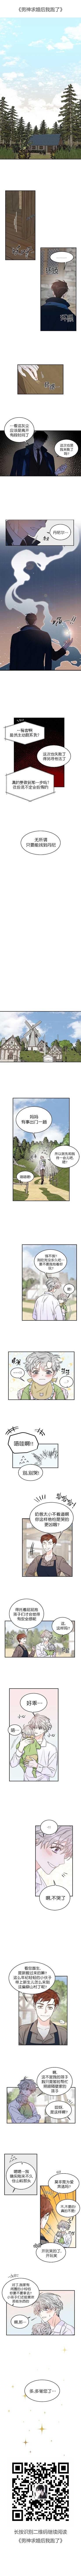 《男神求婚后我跑了》韩漫耽美漫画免费阅读地址 男神求婚后我跑了百度网盘在线观看 第一话